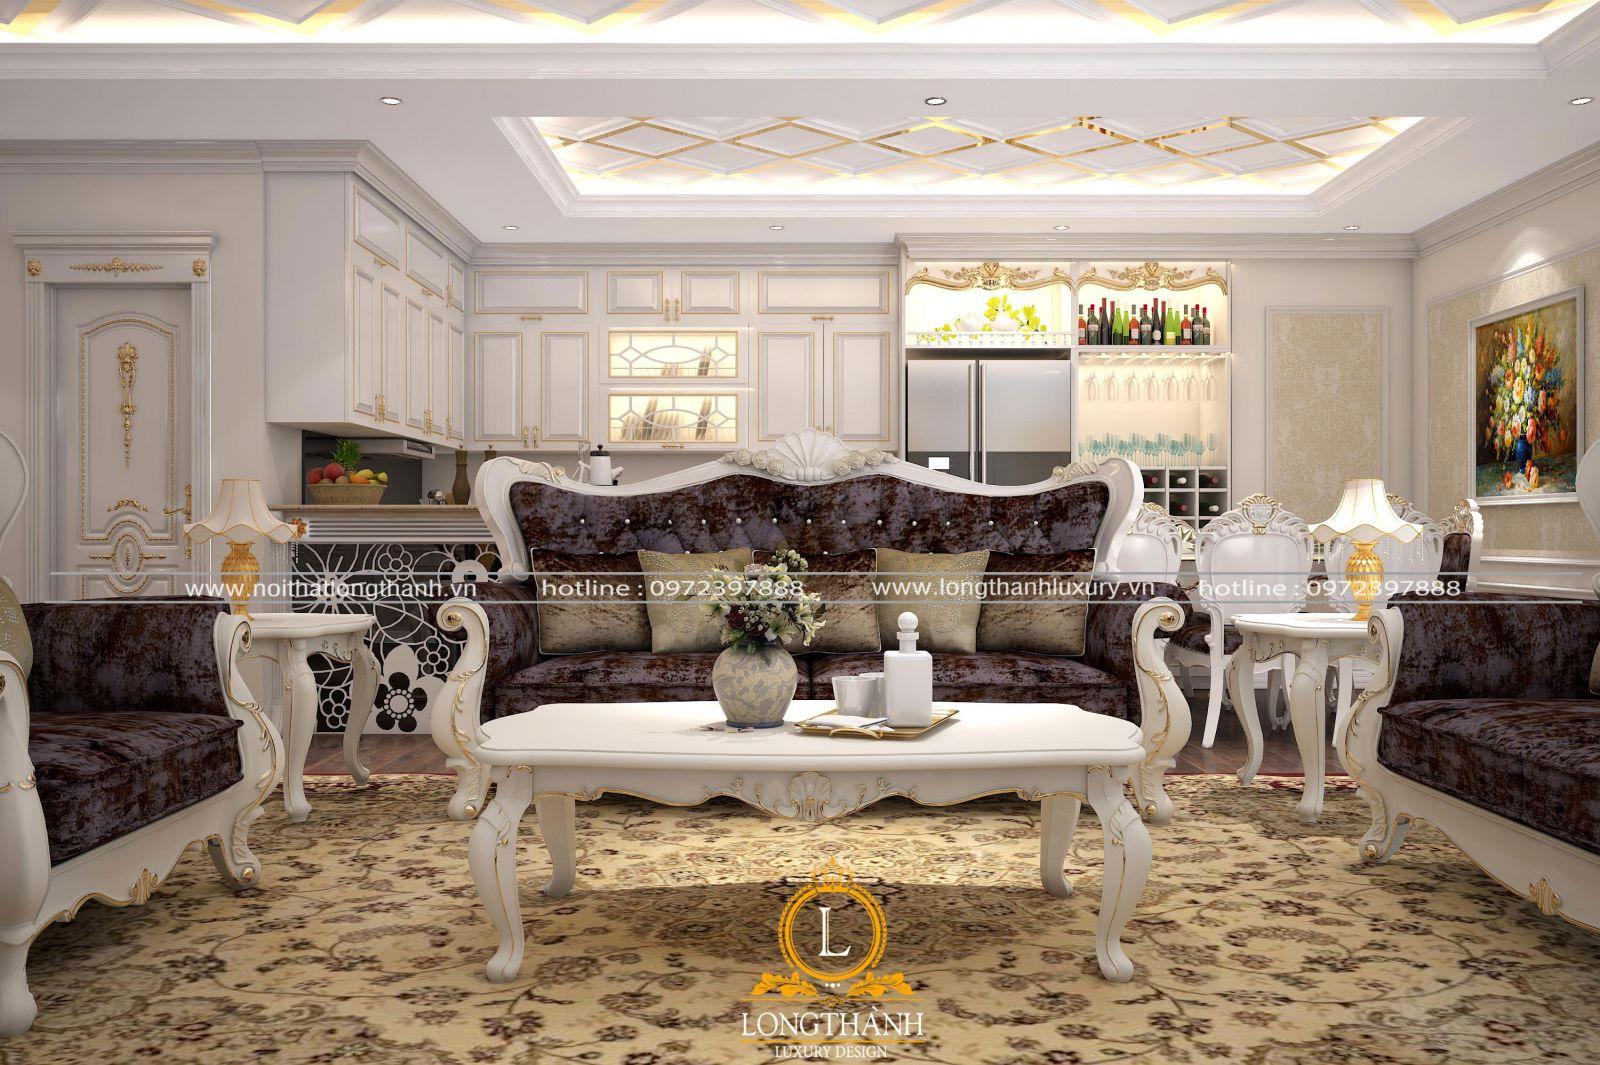 Không gian phòng khách tân cổ điển đẹp bao quát căn nhà